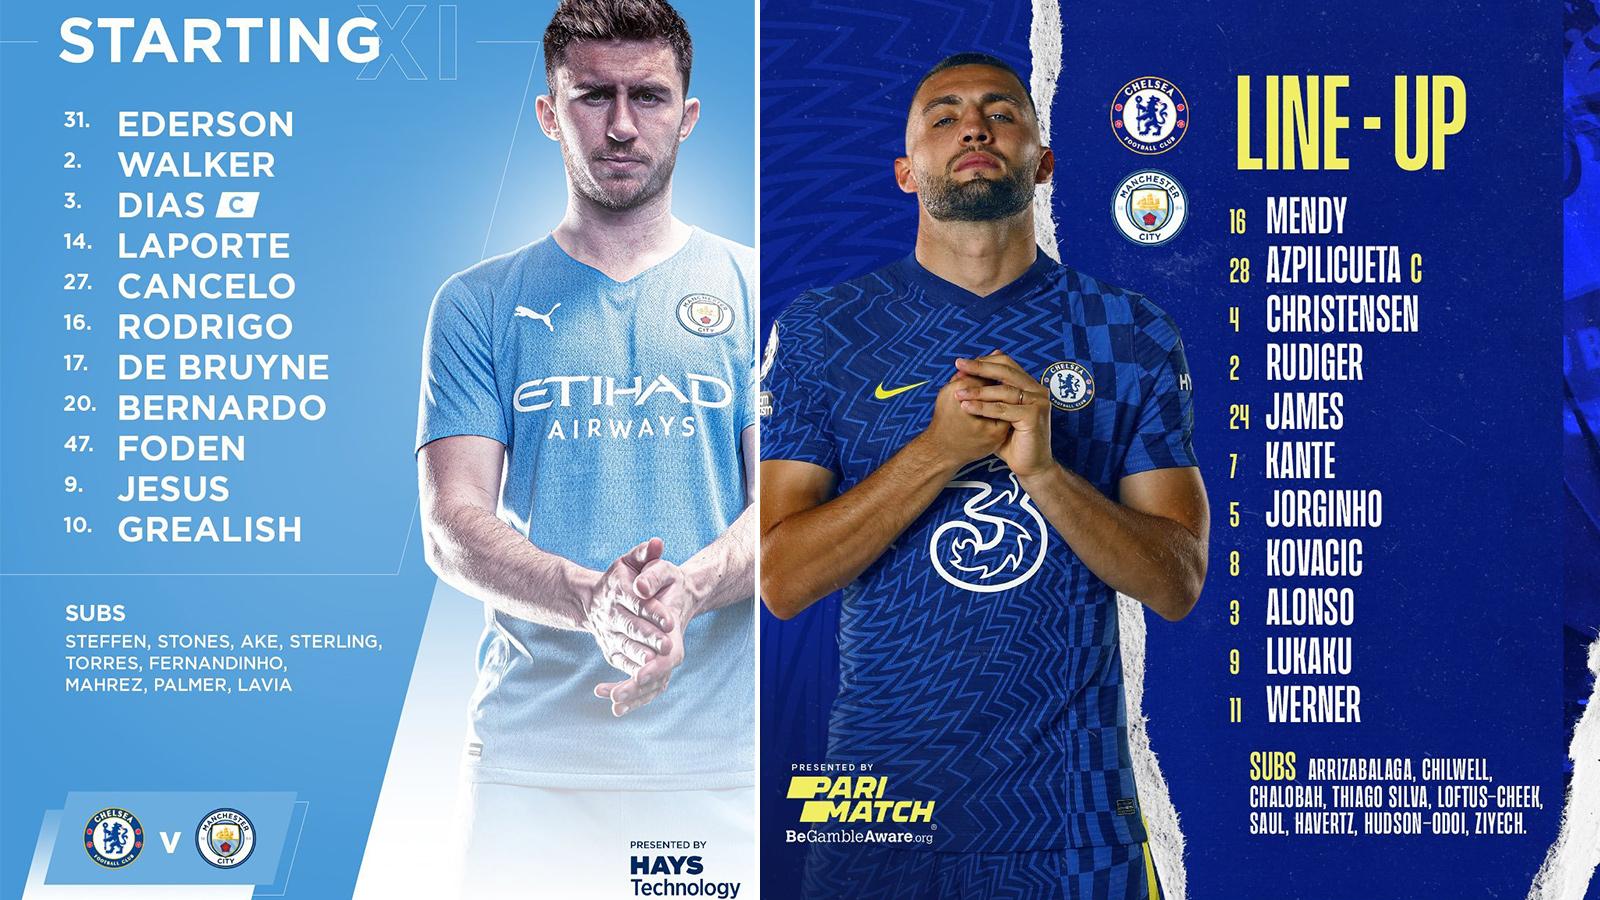 Chelsea - Manchester City maçı canlı izle | S Sport canlı izle linki